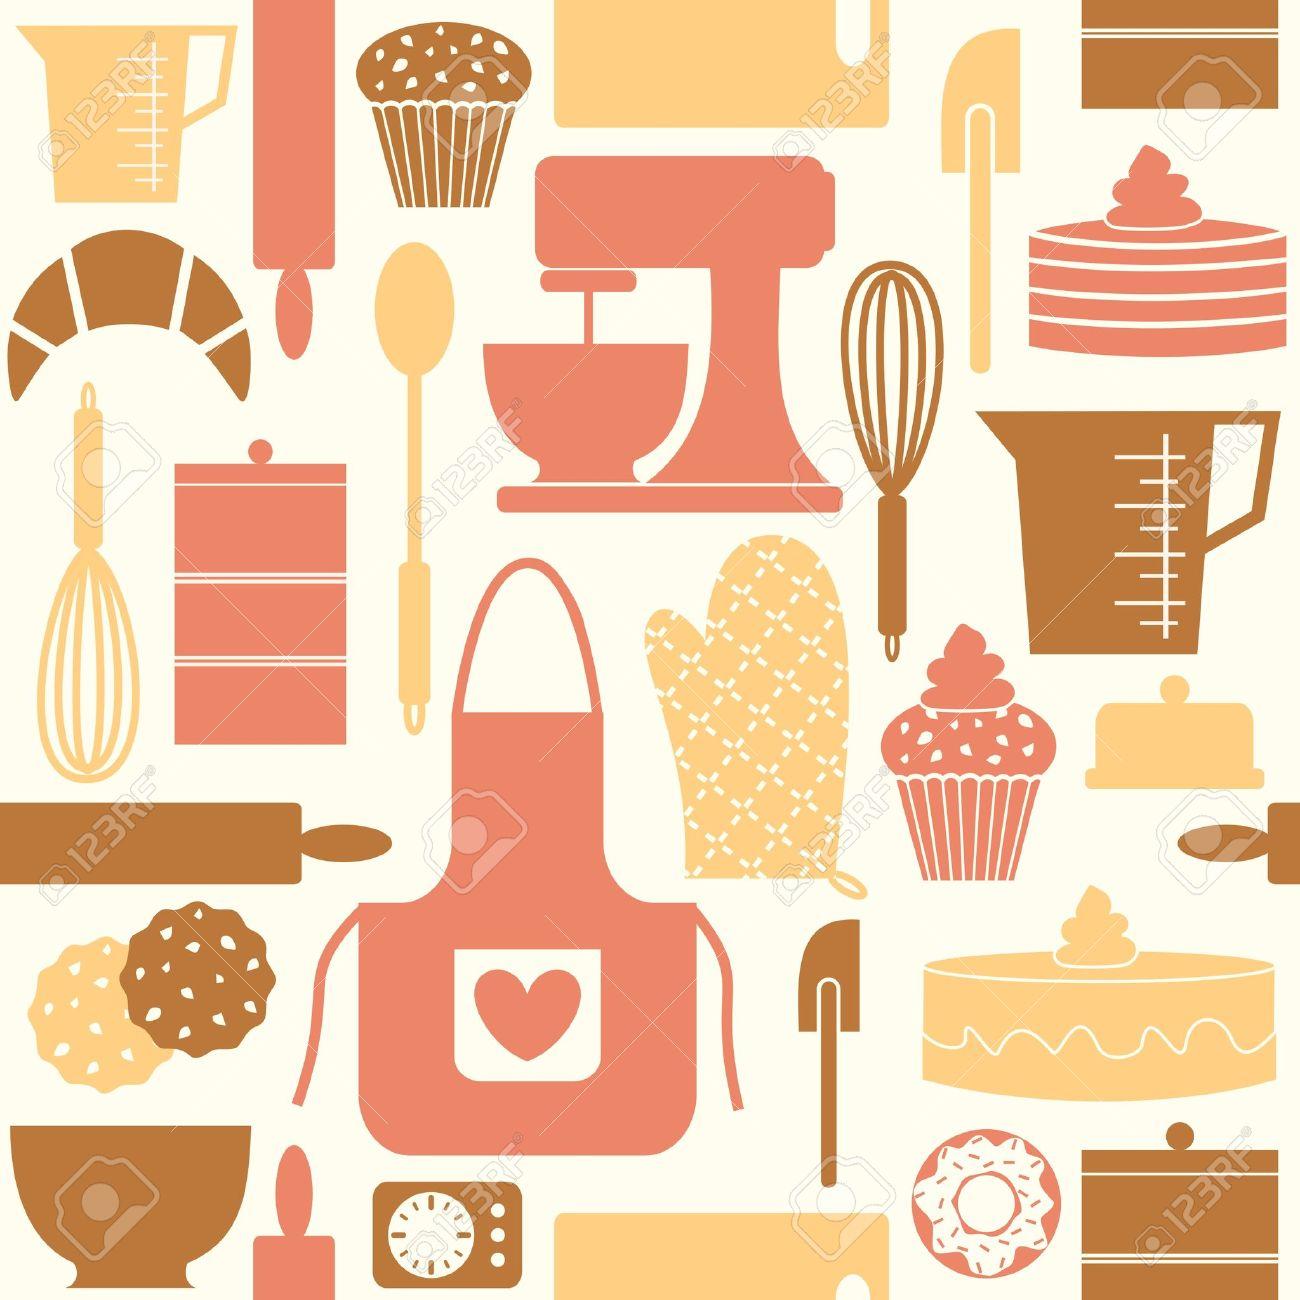 Modèle Sans Soudure Seamless Cuisine Cuisson Cuire Au Four